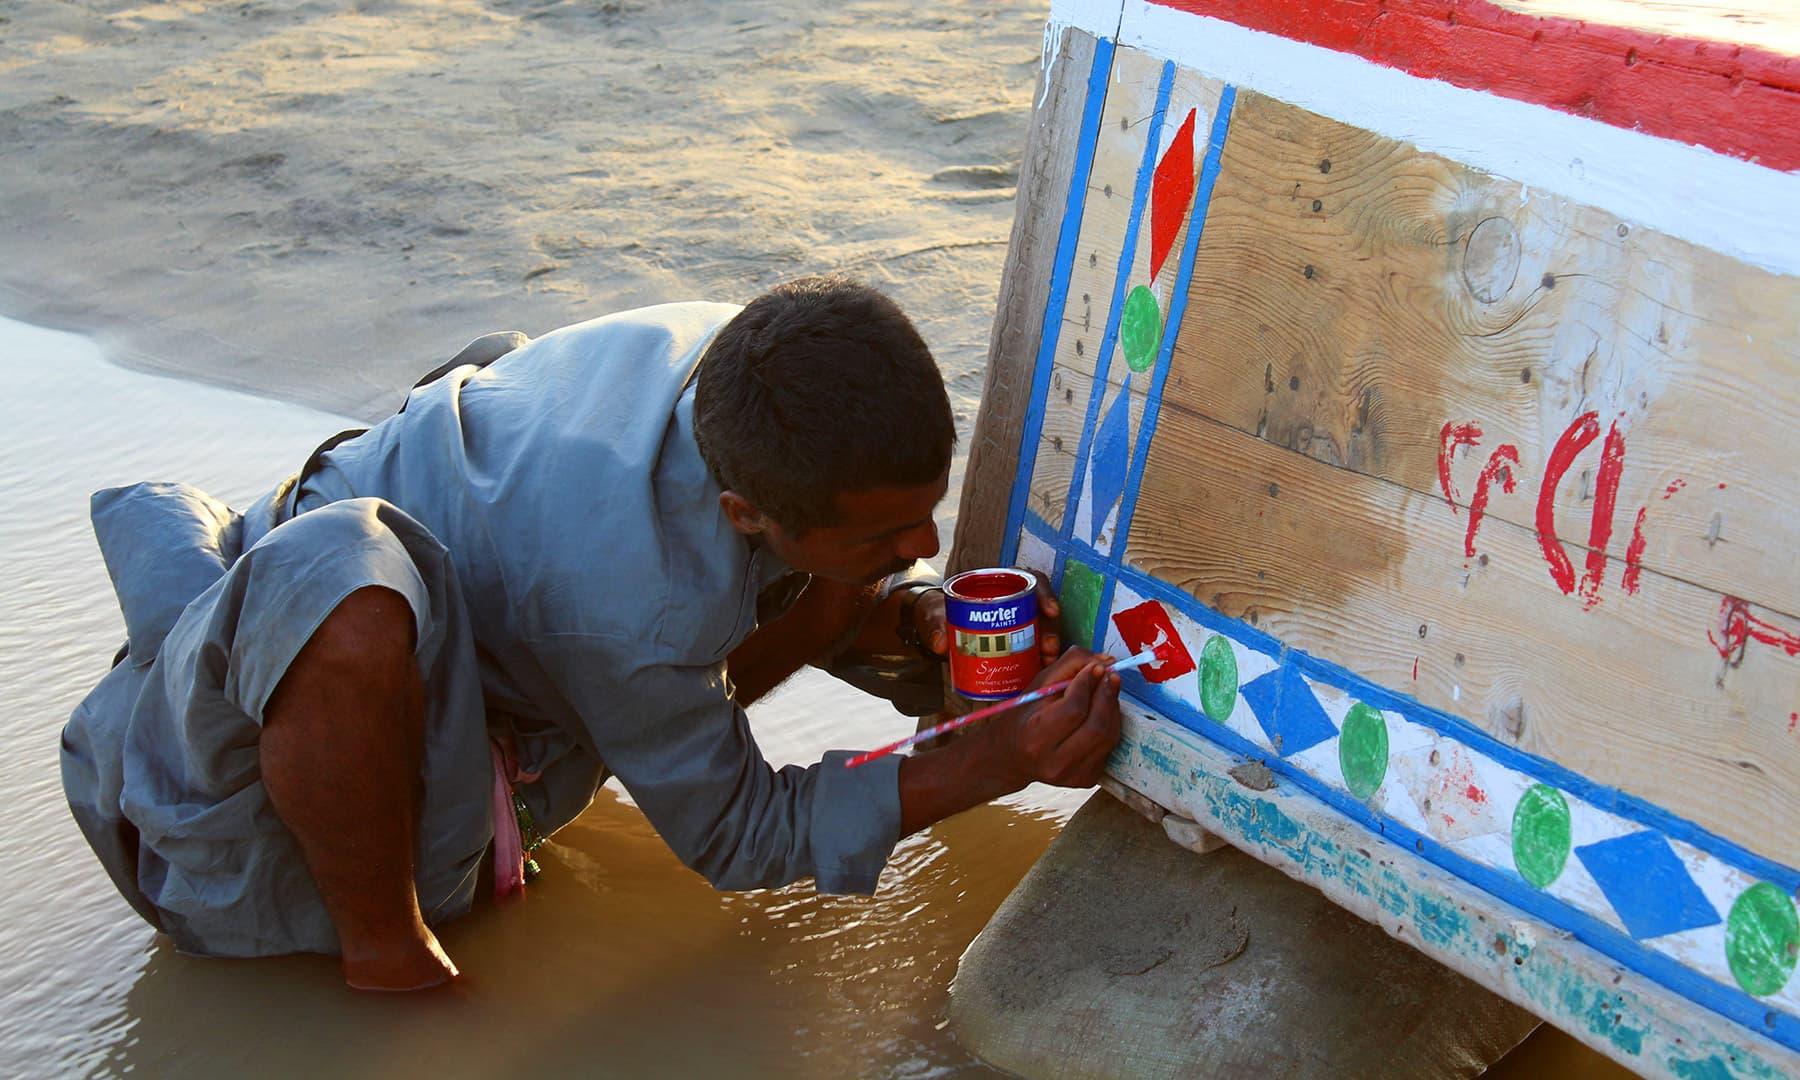 انور ملاح اپنی کشتی کو رنگ کر رہا ہے۔— فوٹو اختر حفیظ